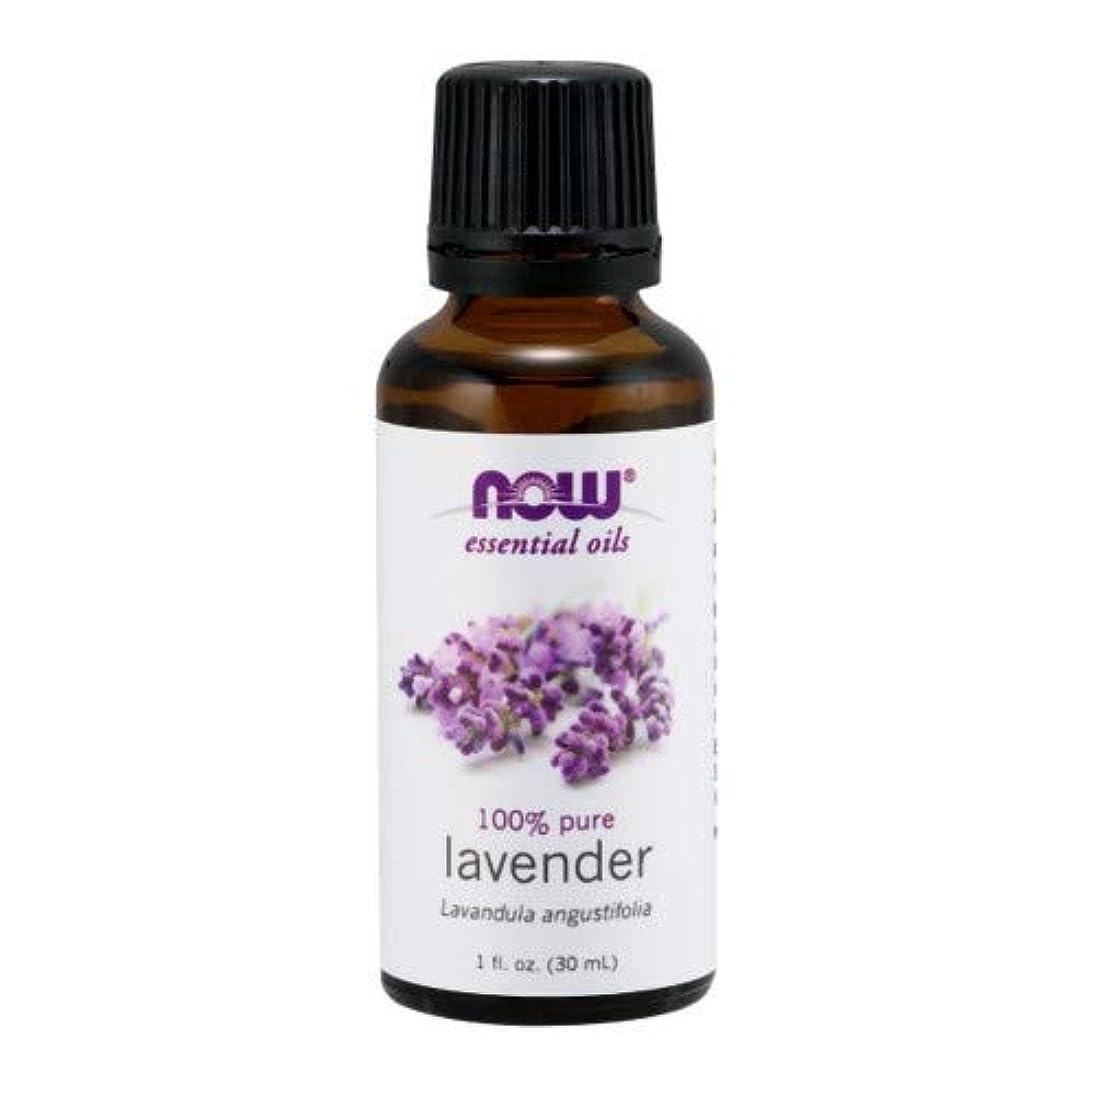 間違っているかんたんスピリチュアルエッセンシャルオイル ラベンダーオイル 30ml 2個セット ナウフーズ 並行輸入品 NOW Foods Essential Oils Lavender 1 oz Pack of 2